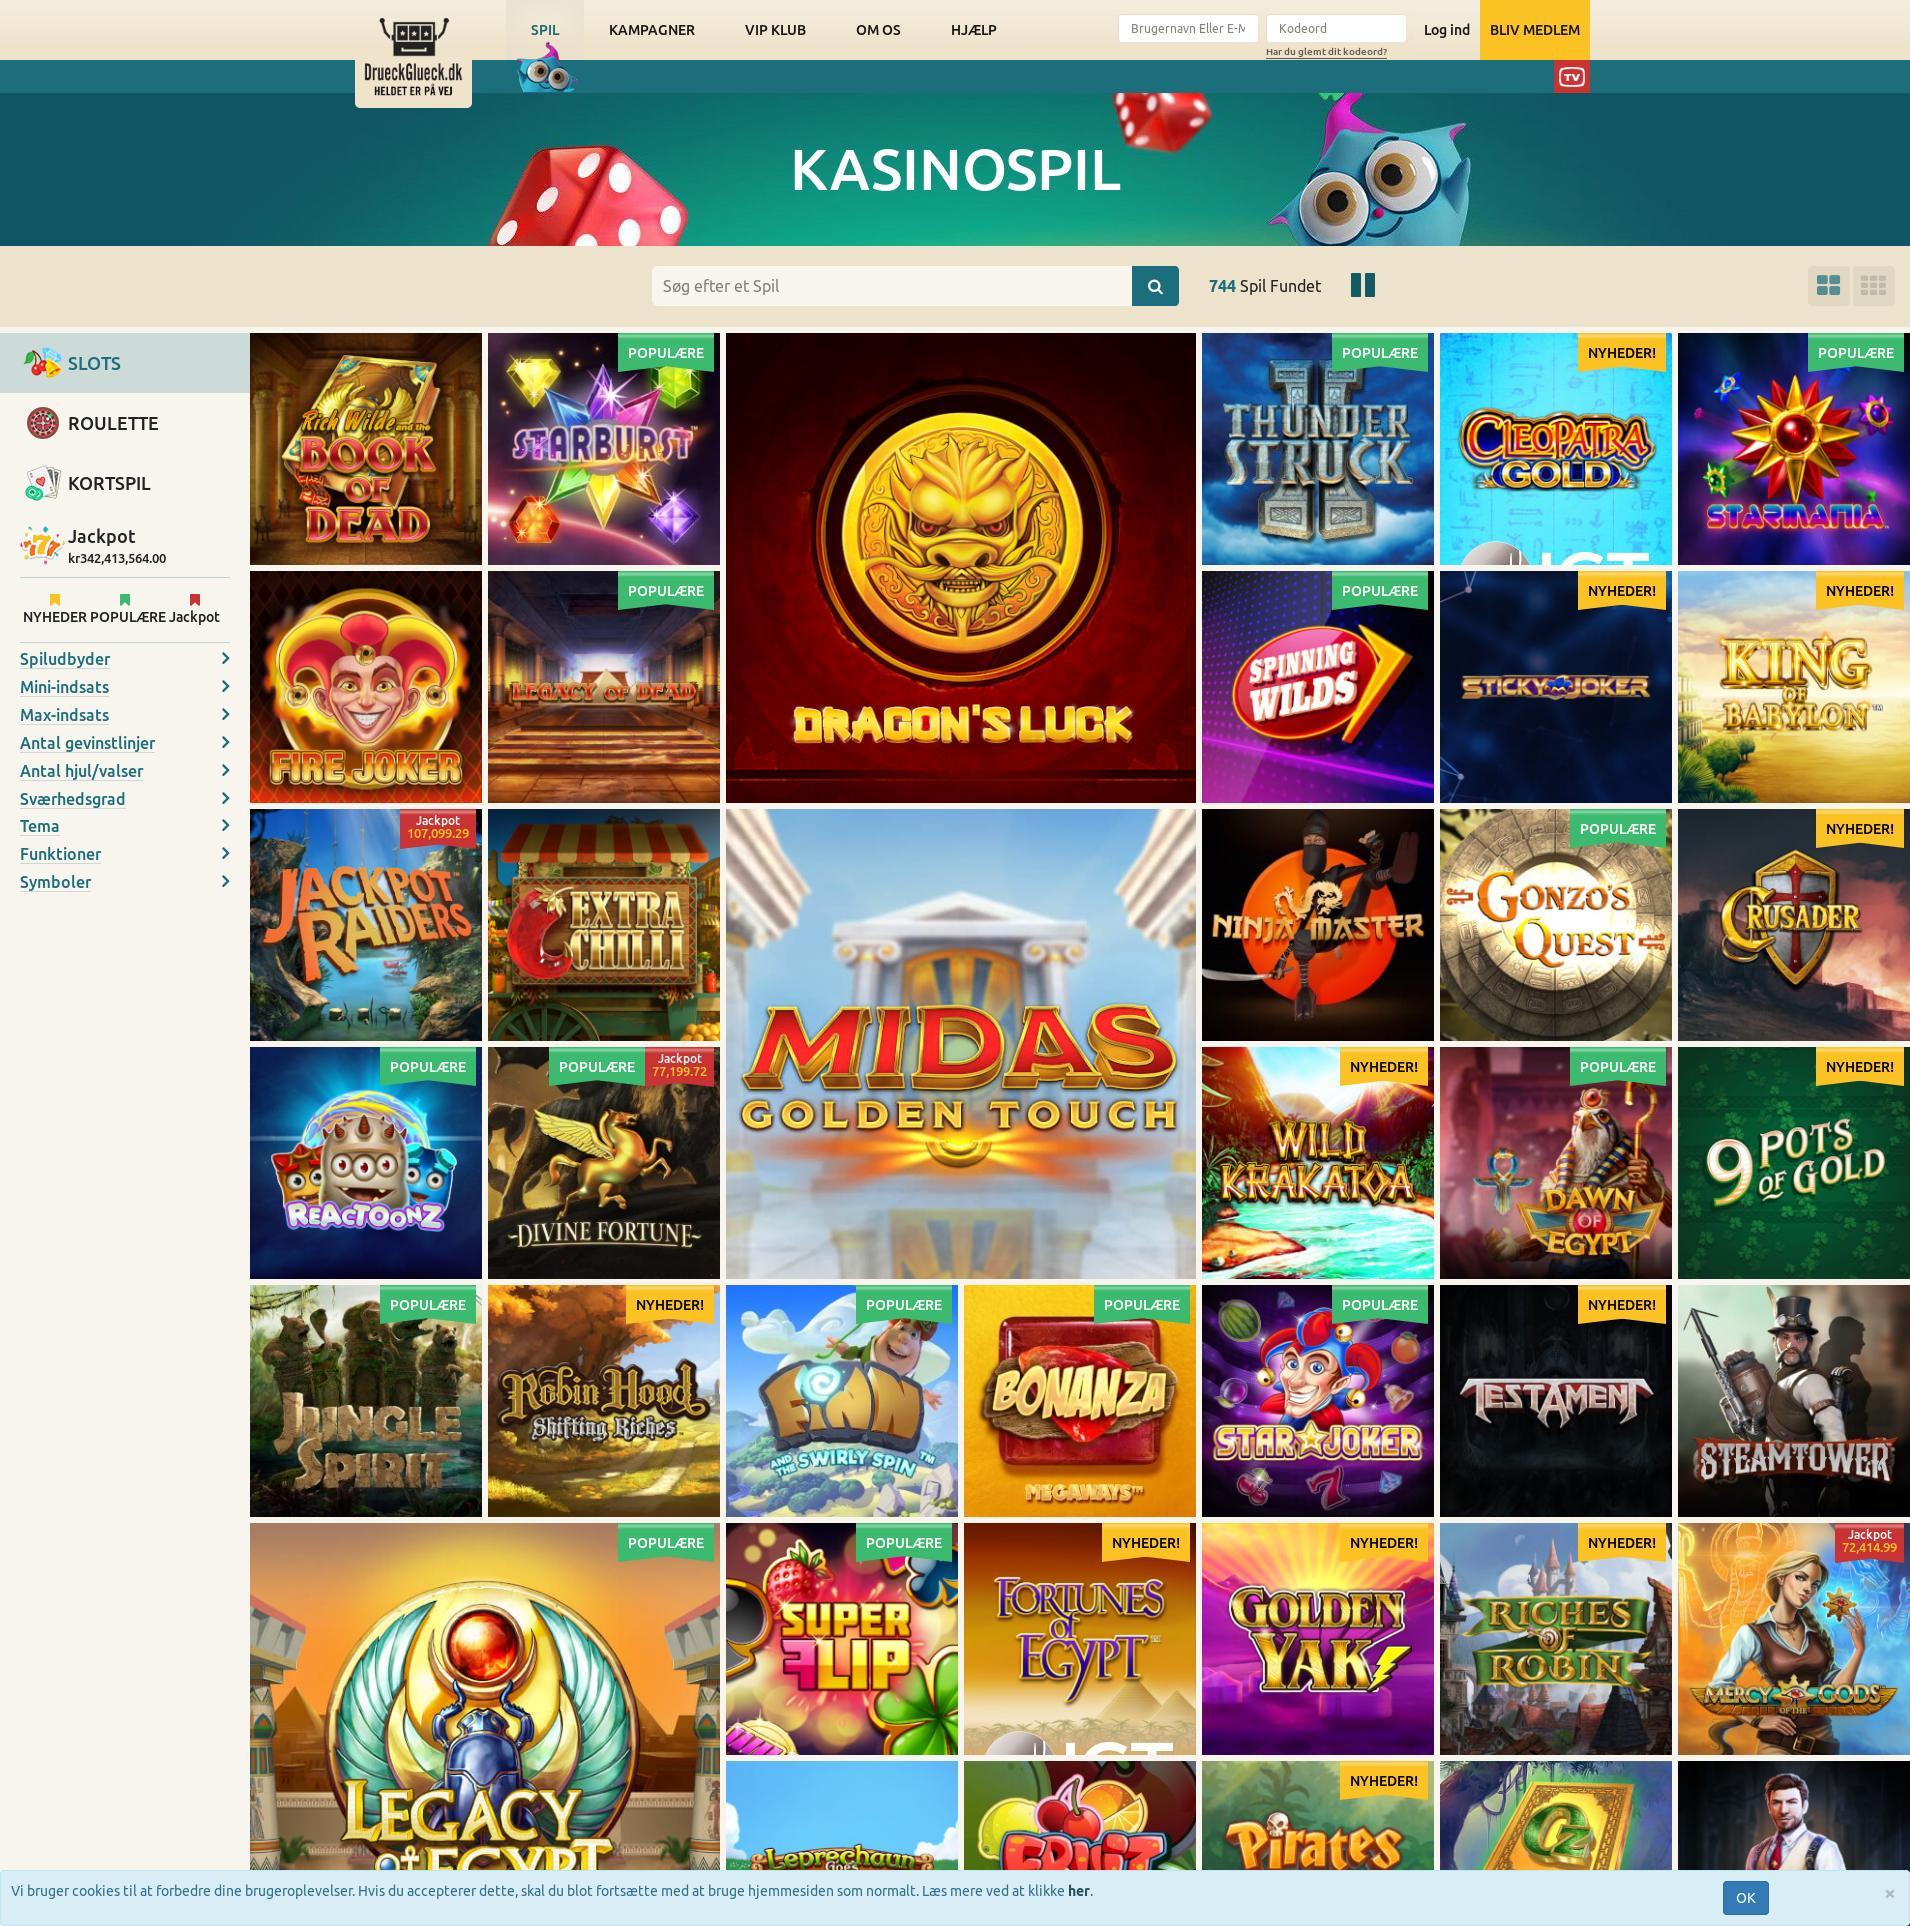 Casino skærm Lobby 2020-03-31 til Danmark